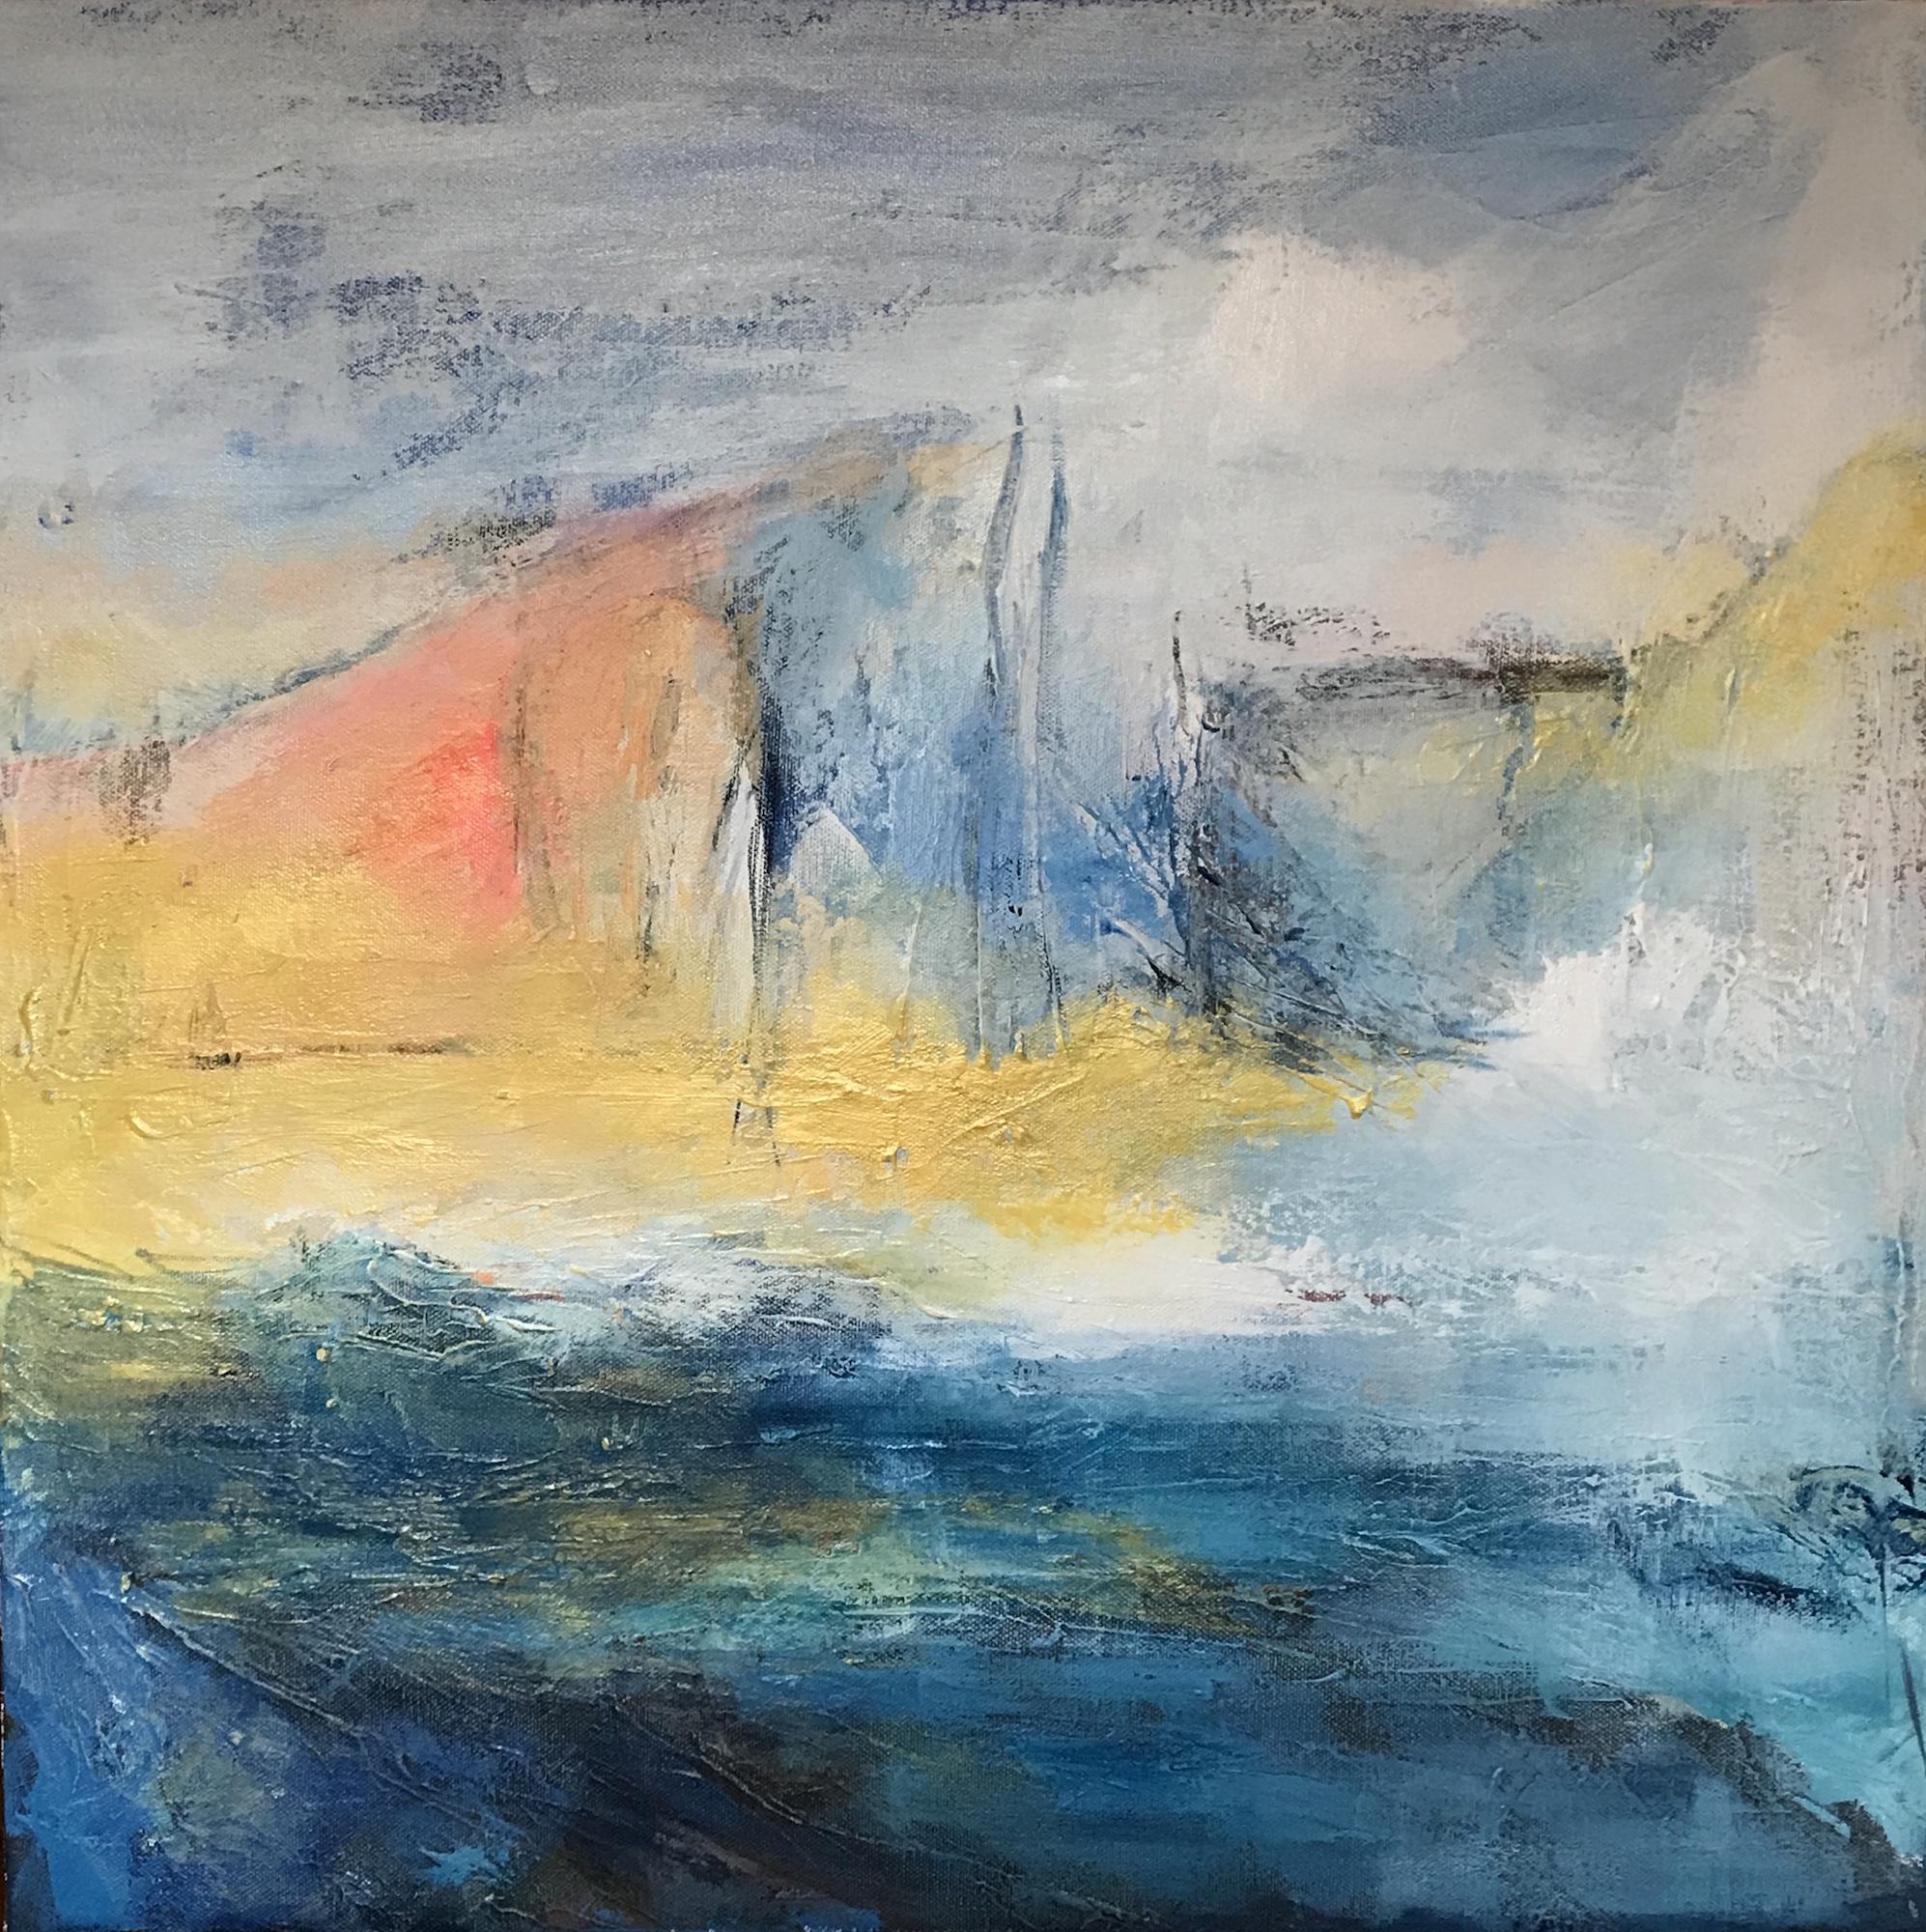 After Venice - acrylic on canvas 50x50cm  £325